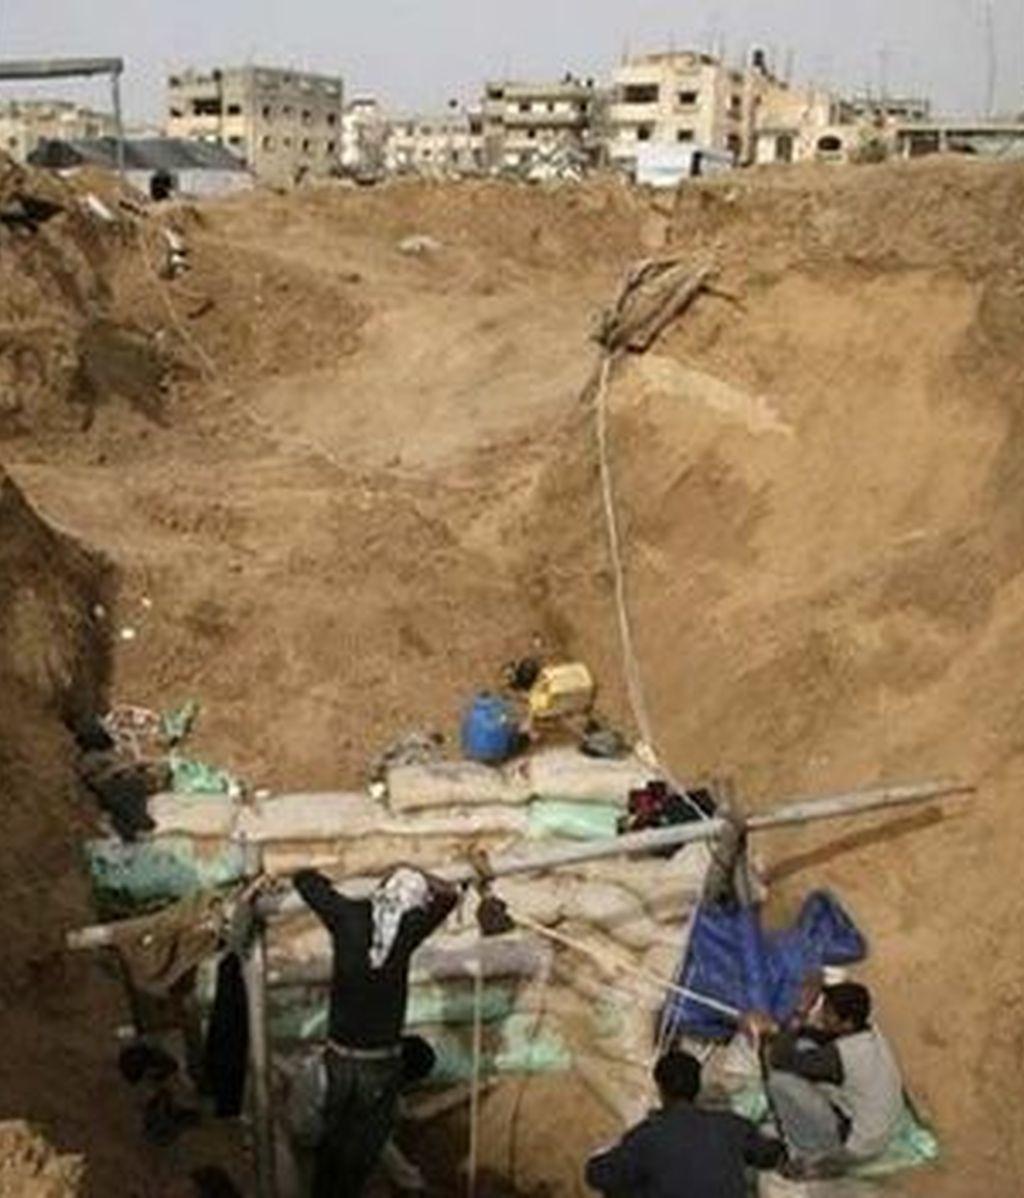 Varios palestinos trabajan en Rafah en la reconstrucción de uno de los túneles dañados durante la operación de Israel en Gaza. Vídeo: ATLAS